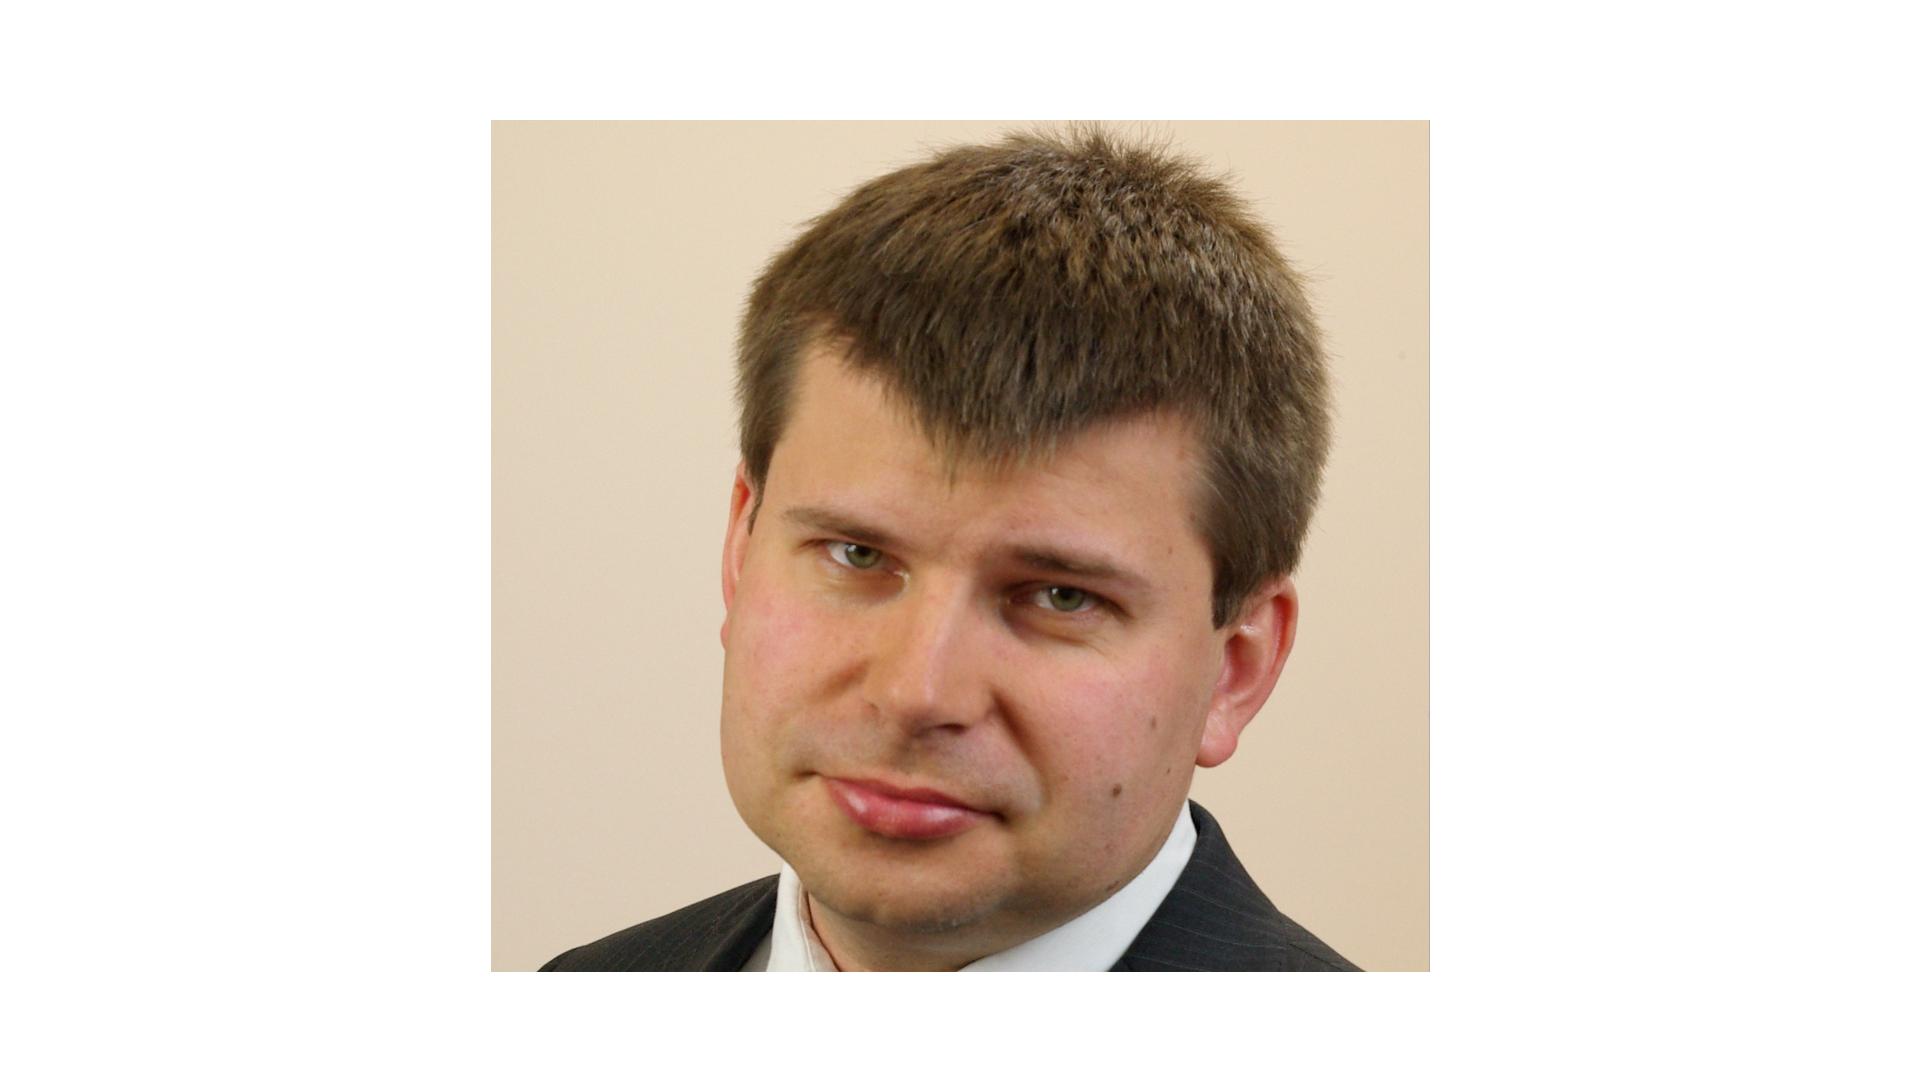 Dyrektor Samsunga w nowej roli w Cyfrowej Polsce